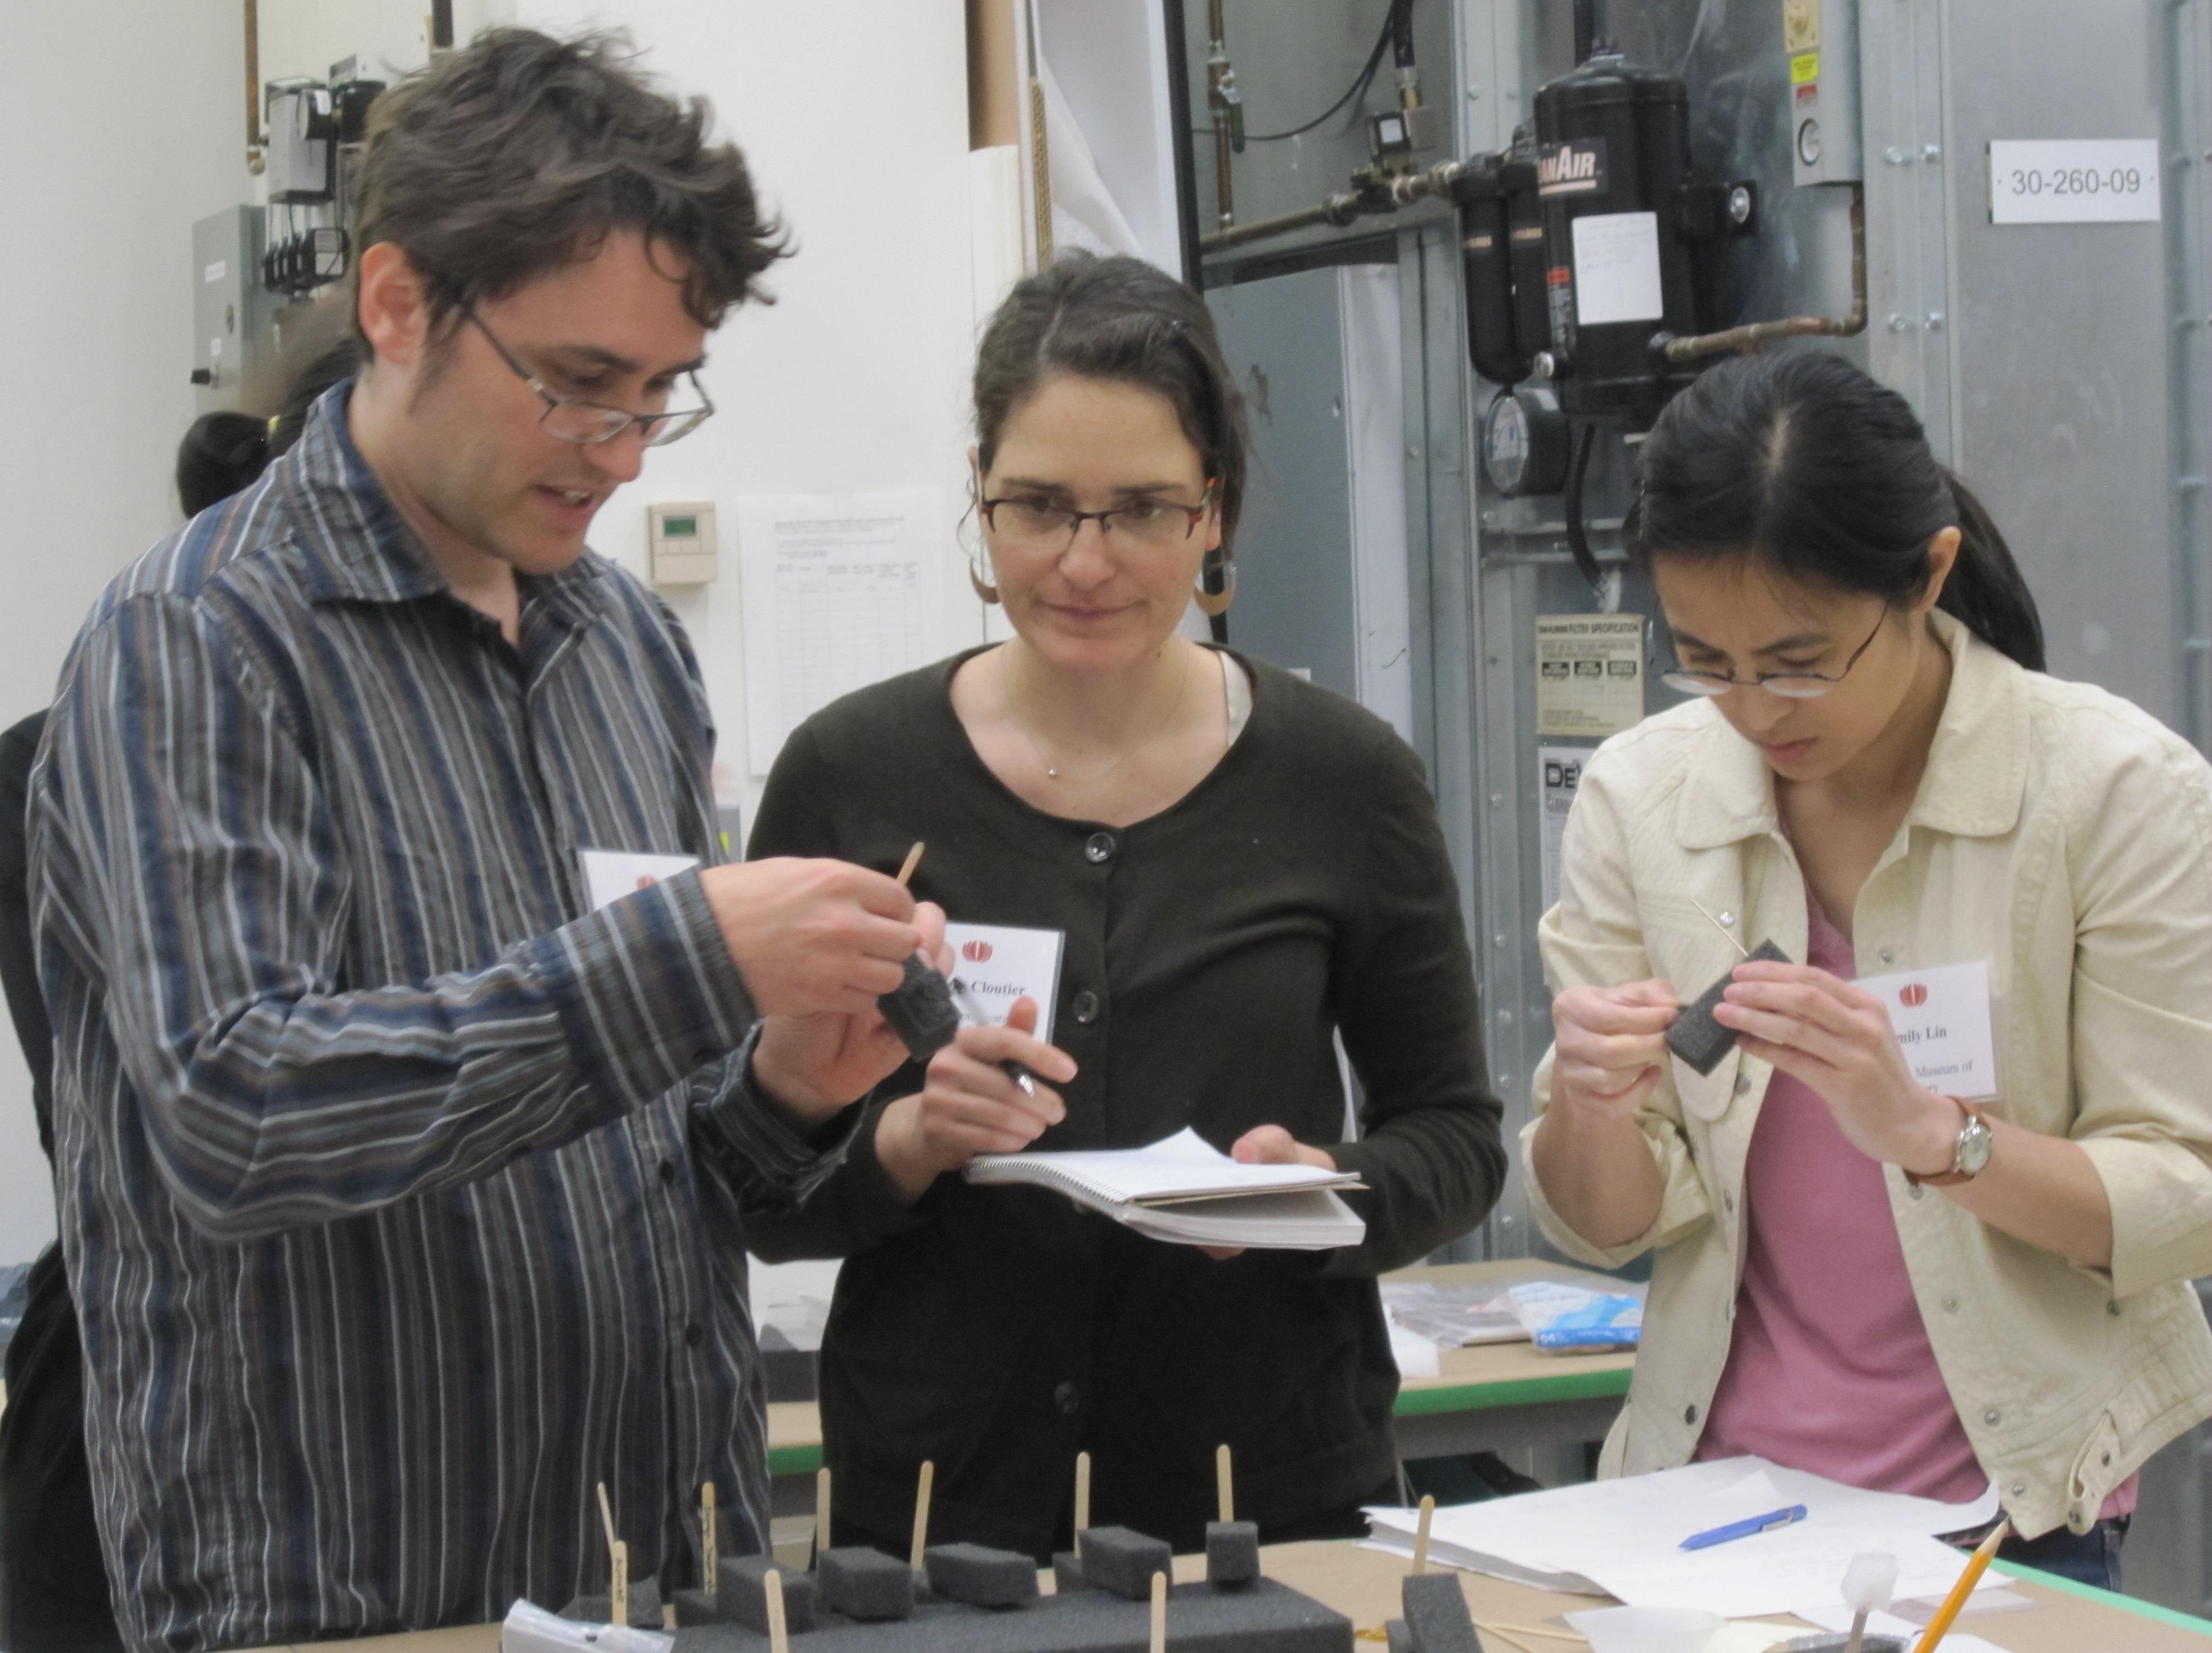 Deltagerene undersøger klistret nedbrydning af PVC